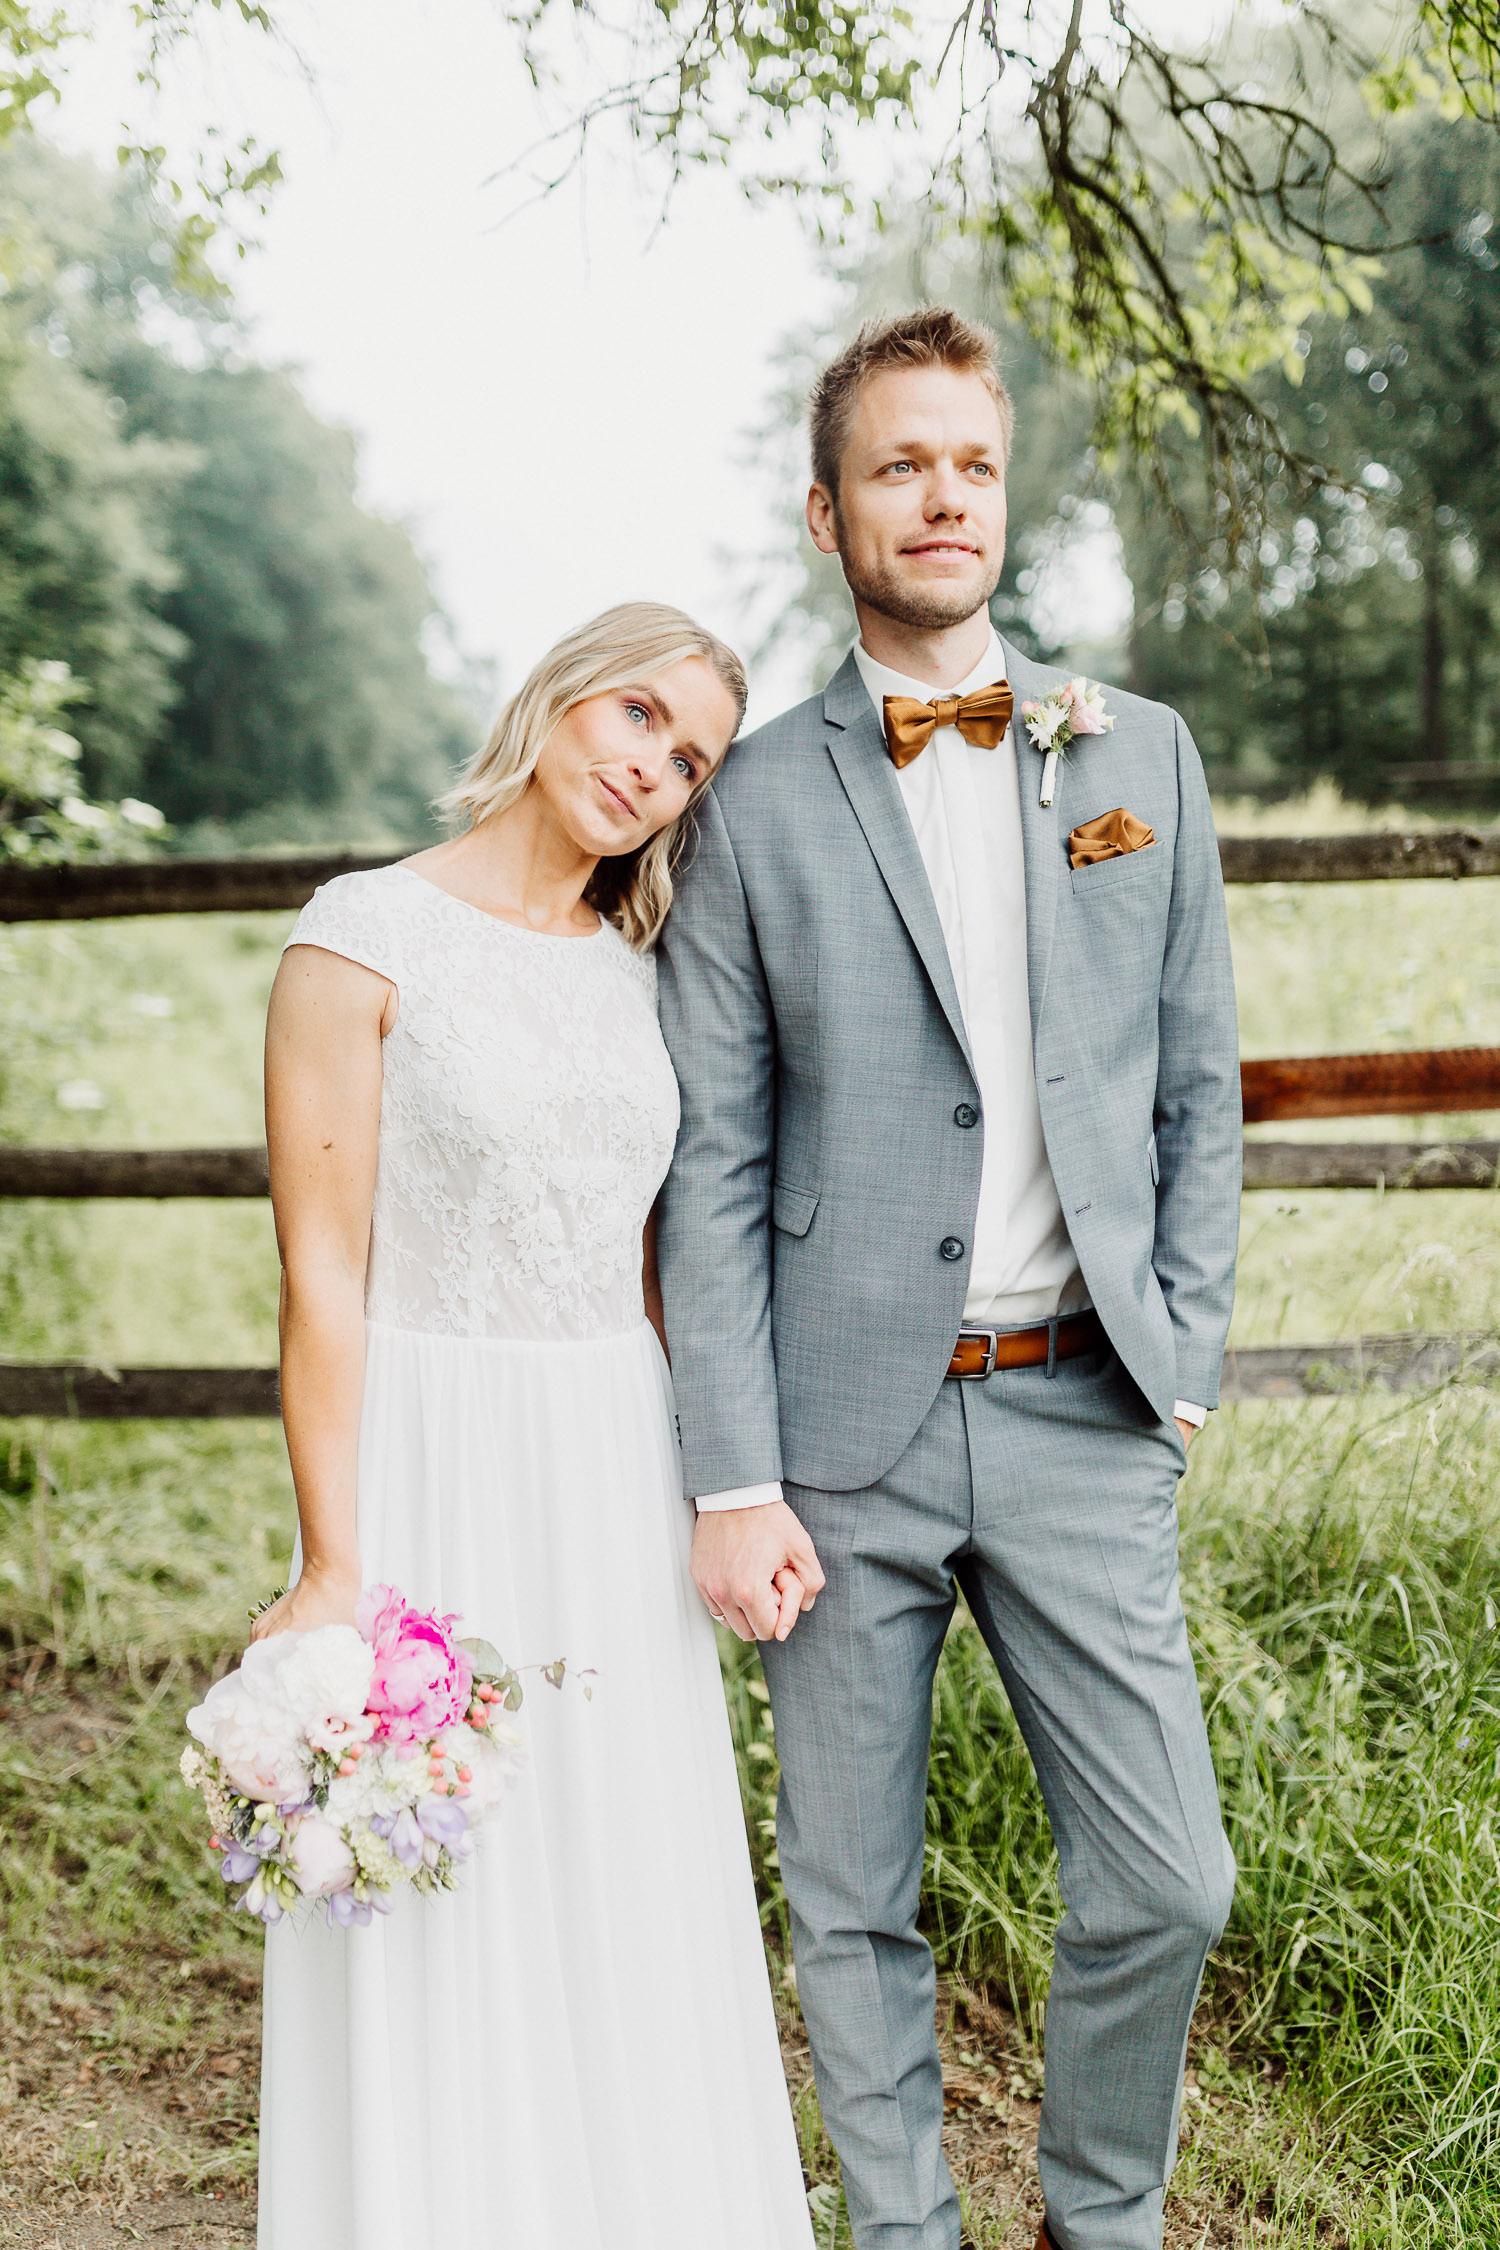 Brautpaar Hand in Hand vor Wiese